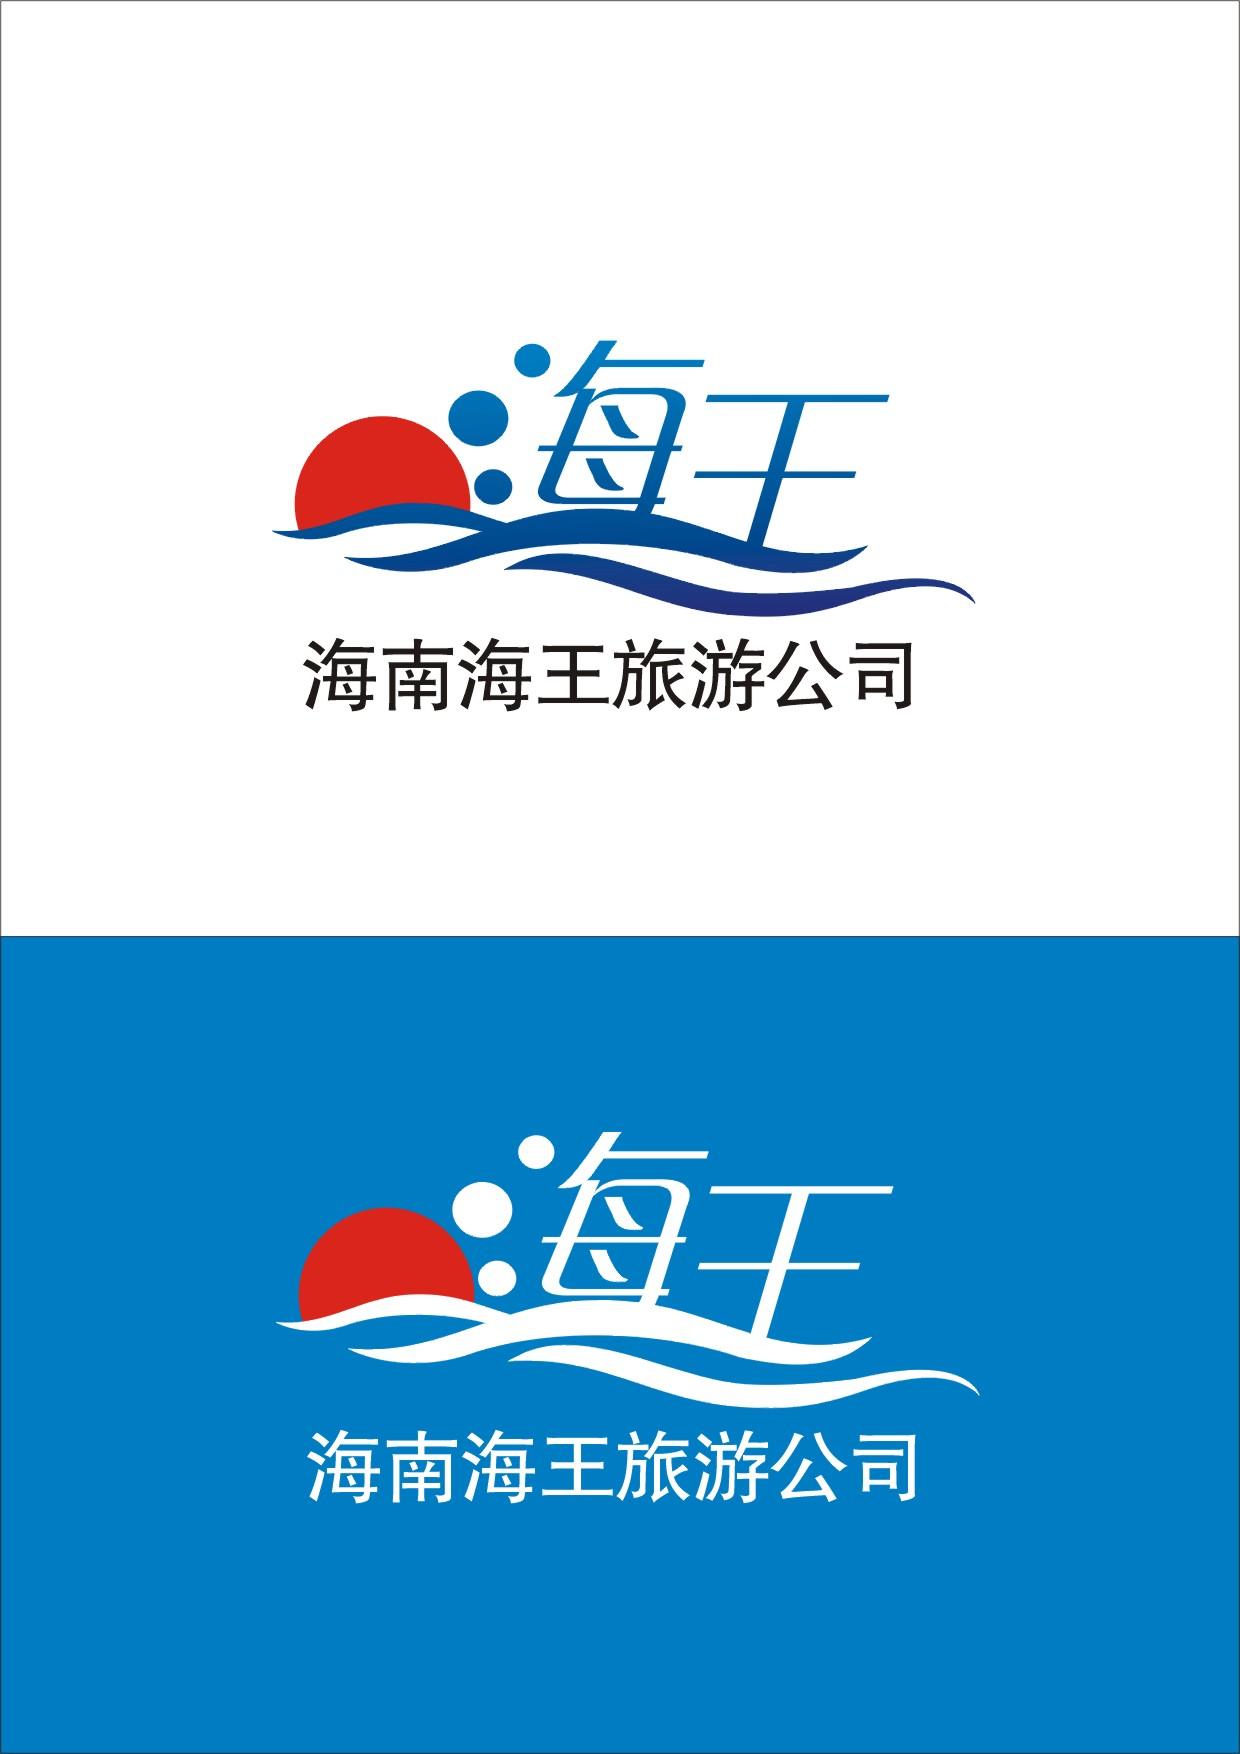 海南海王旅游公司logo设计图片